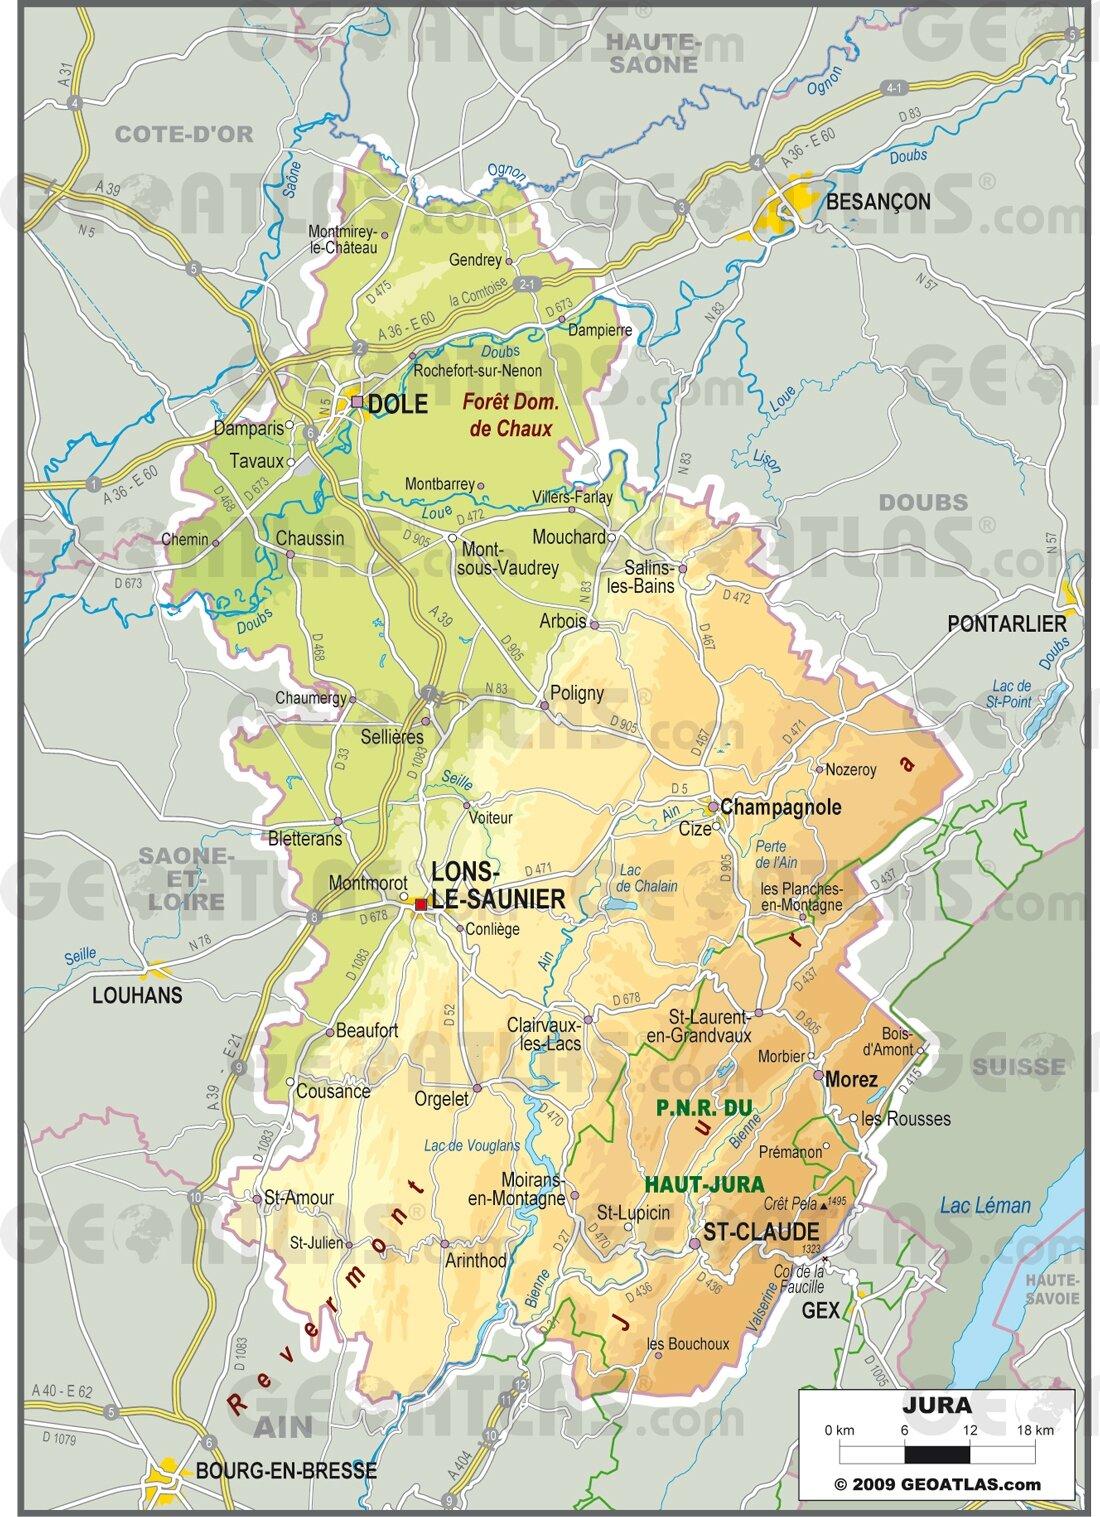 Le jura - Office de tourisme les rousses 39 jura ...